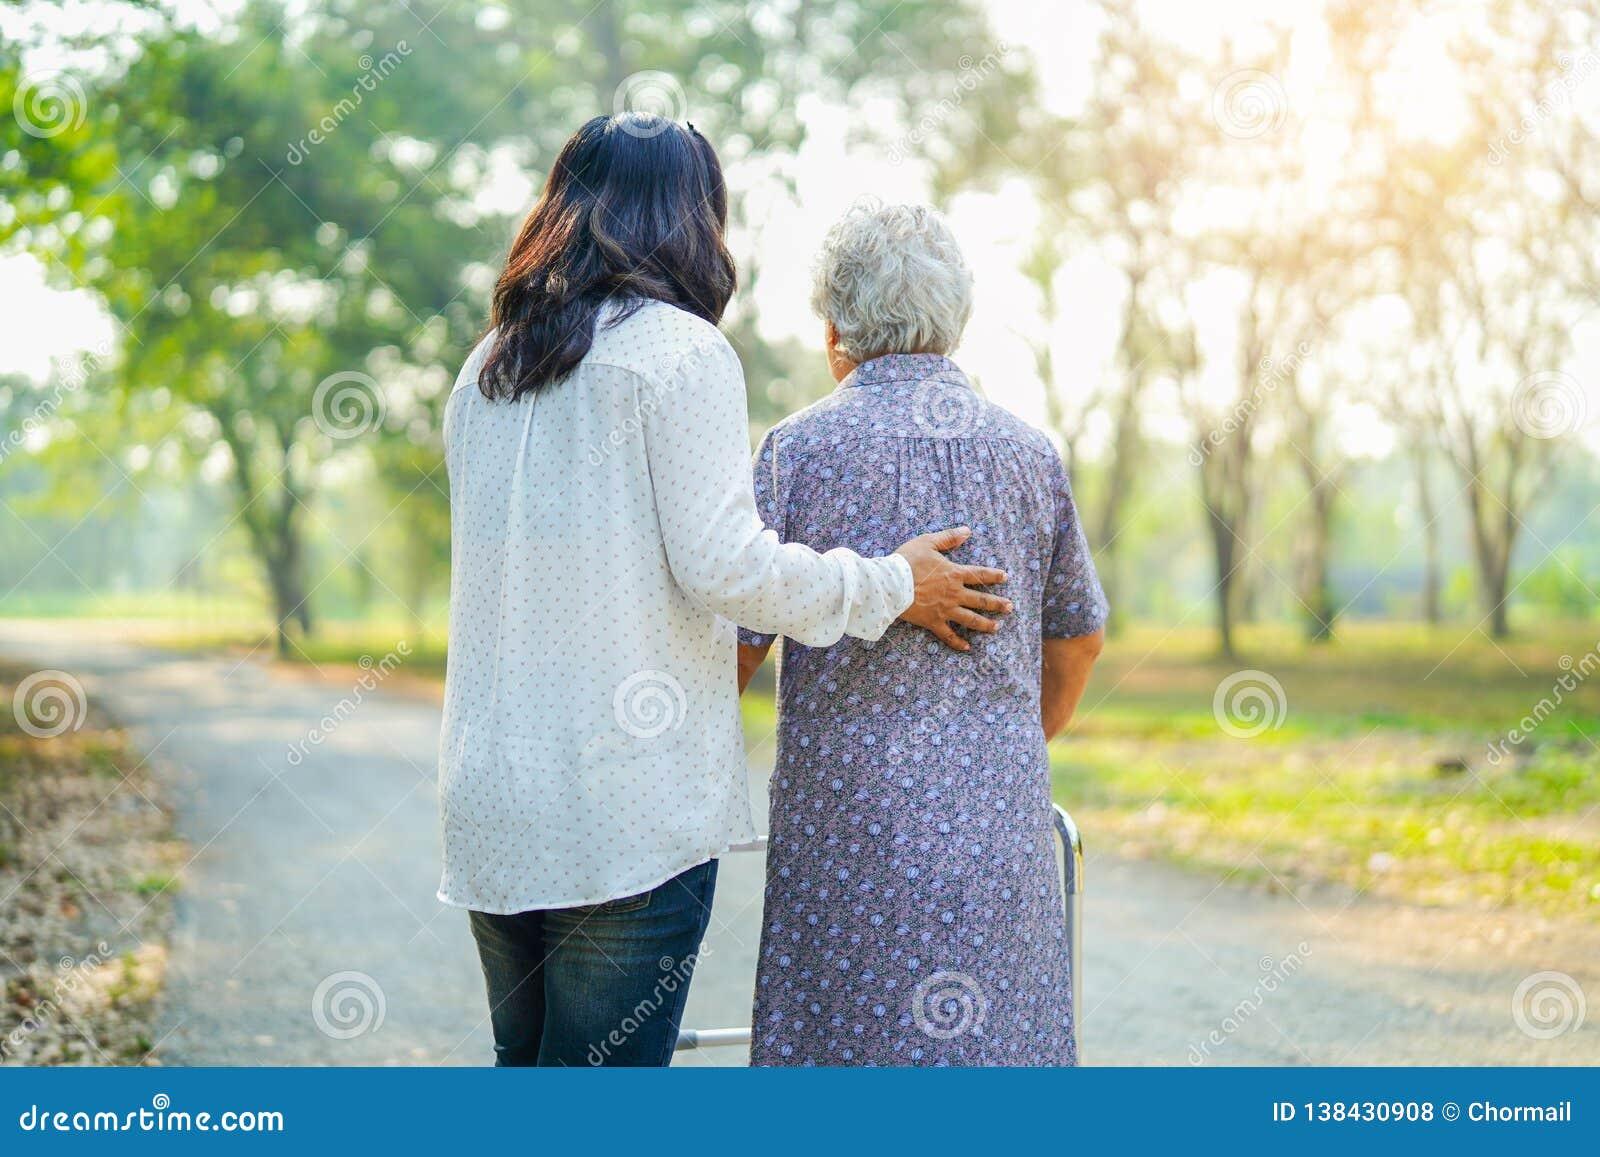 Ajude e importe-se o caminhante superior ou idoso asiático do uso da mulher da senhora idosa com saúde forte ao andar no parque n